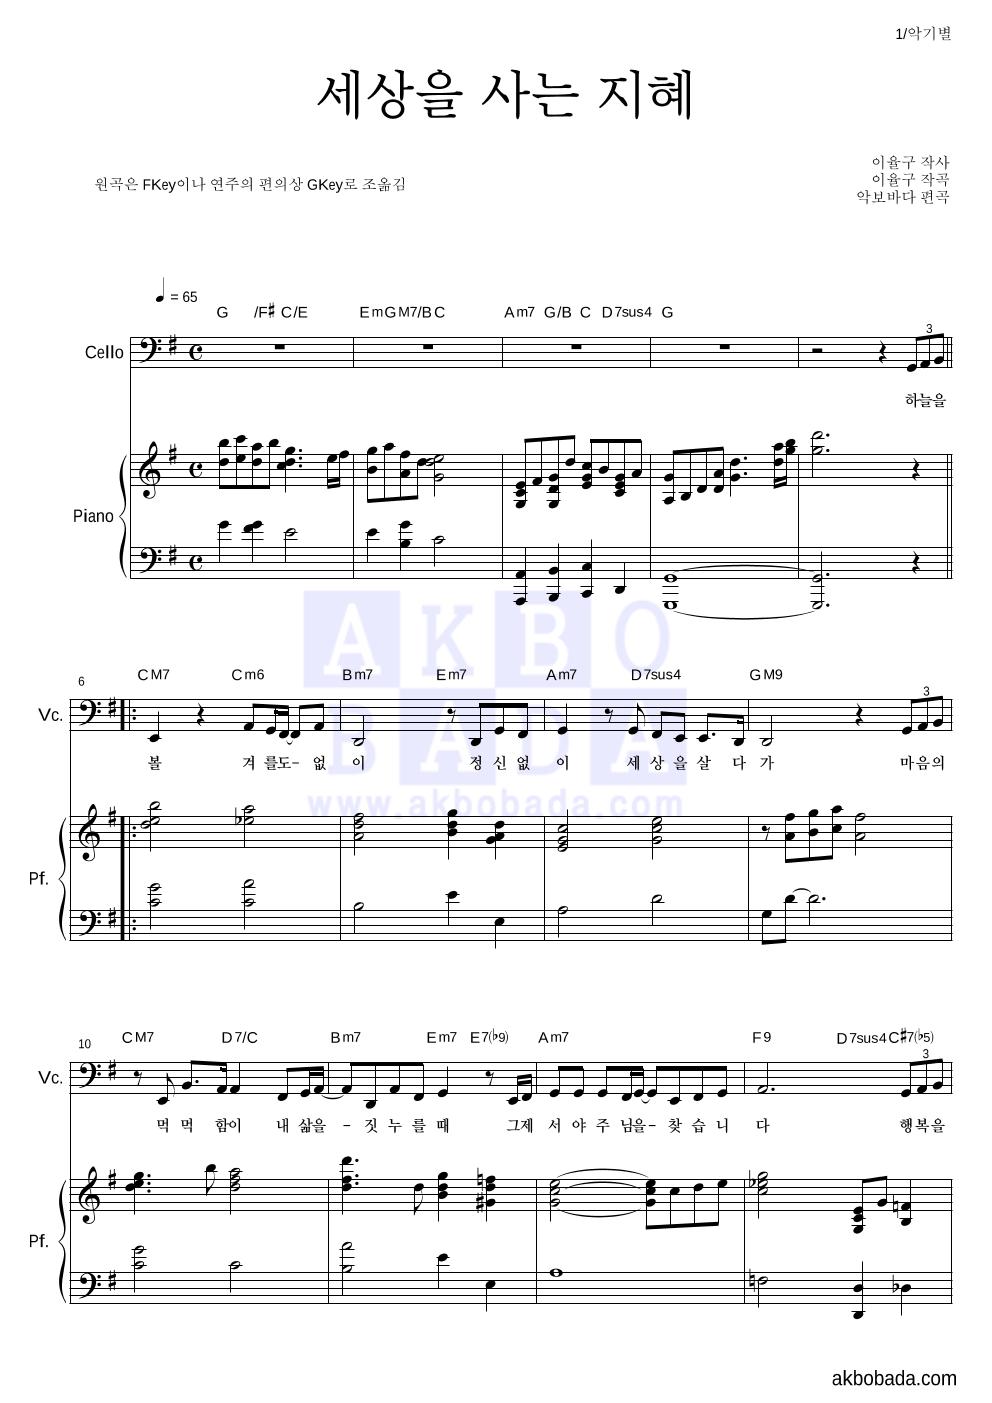 이율구 - 세상을 사는 지혜 첼로&피아노 악보